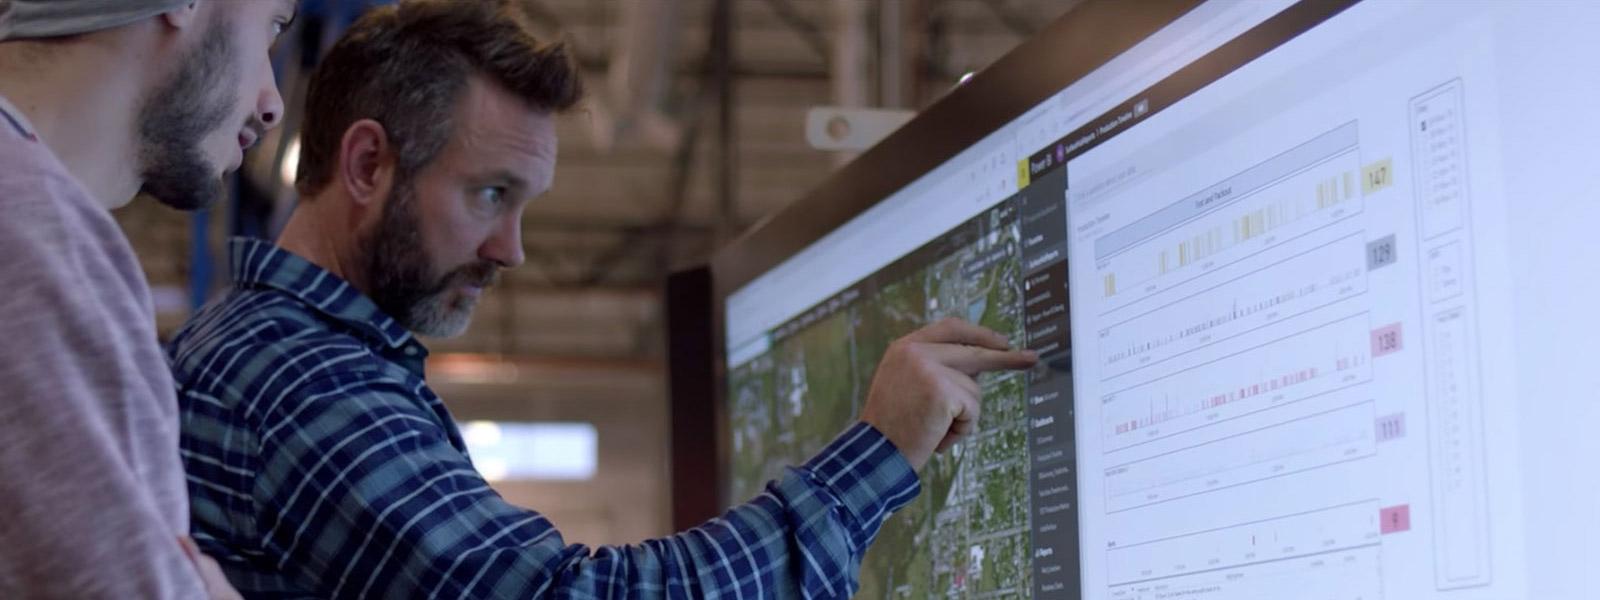 Kaksi miestä käyttämässä Surface Hubin kosketusnäyttöä